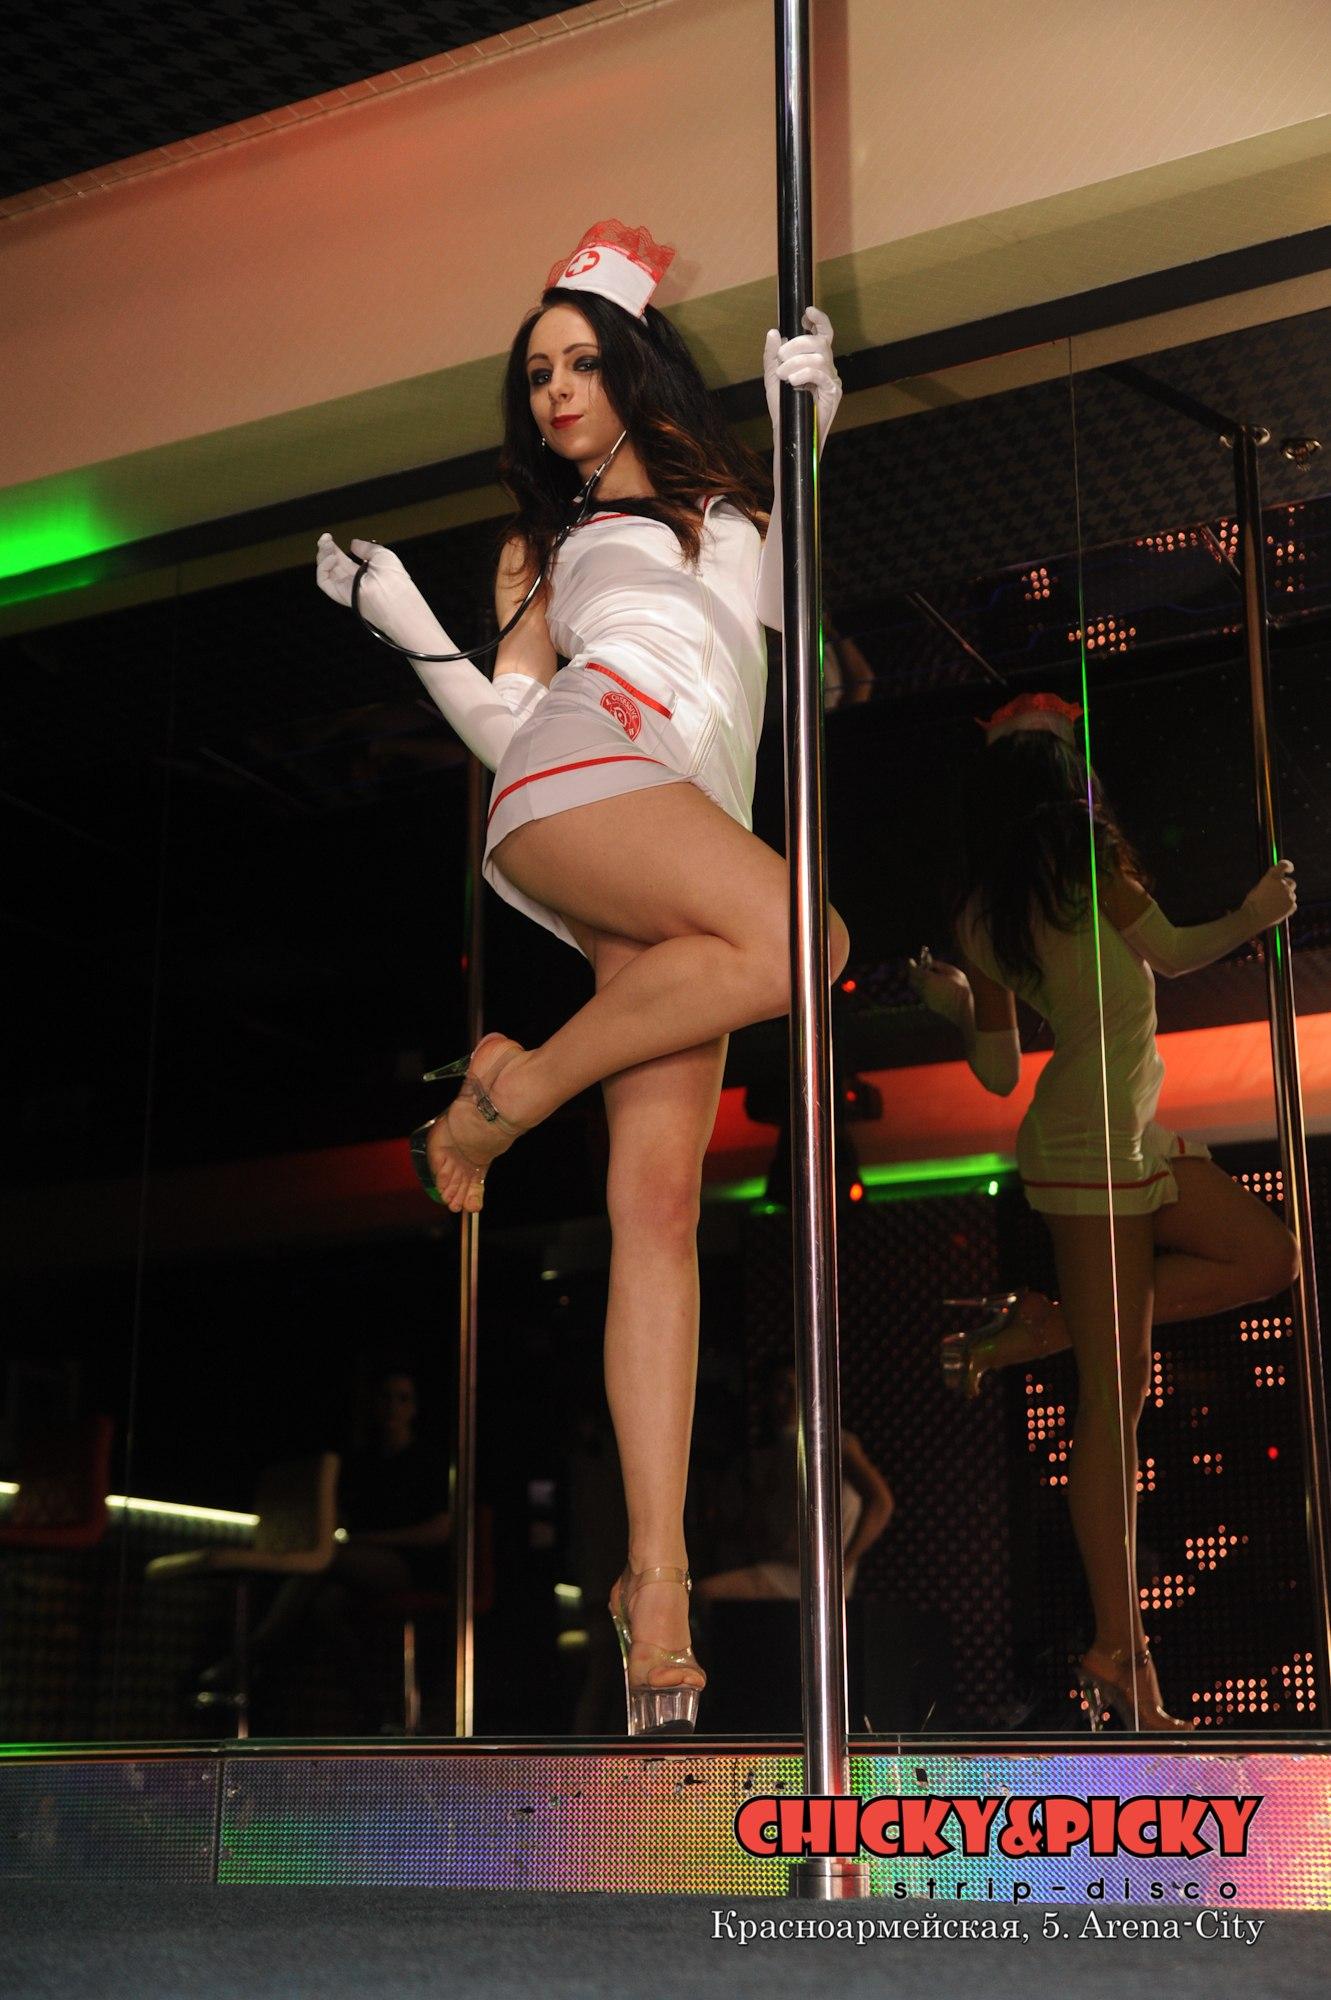 Доктор Даун Хаус в strip - disco Chicky&Picky